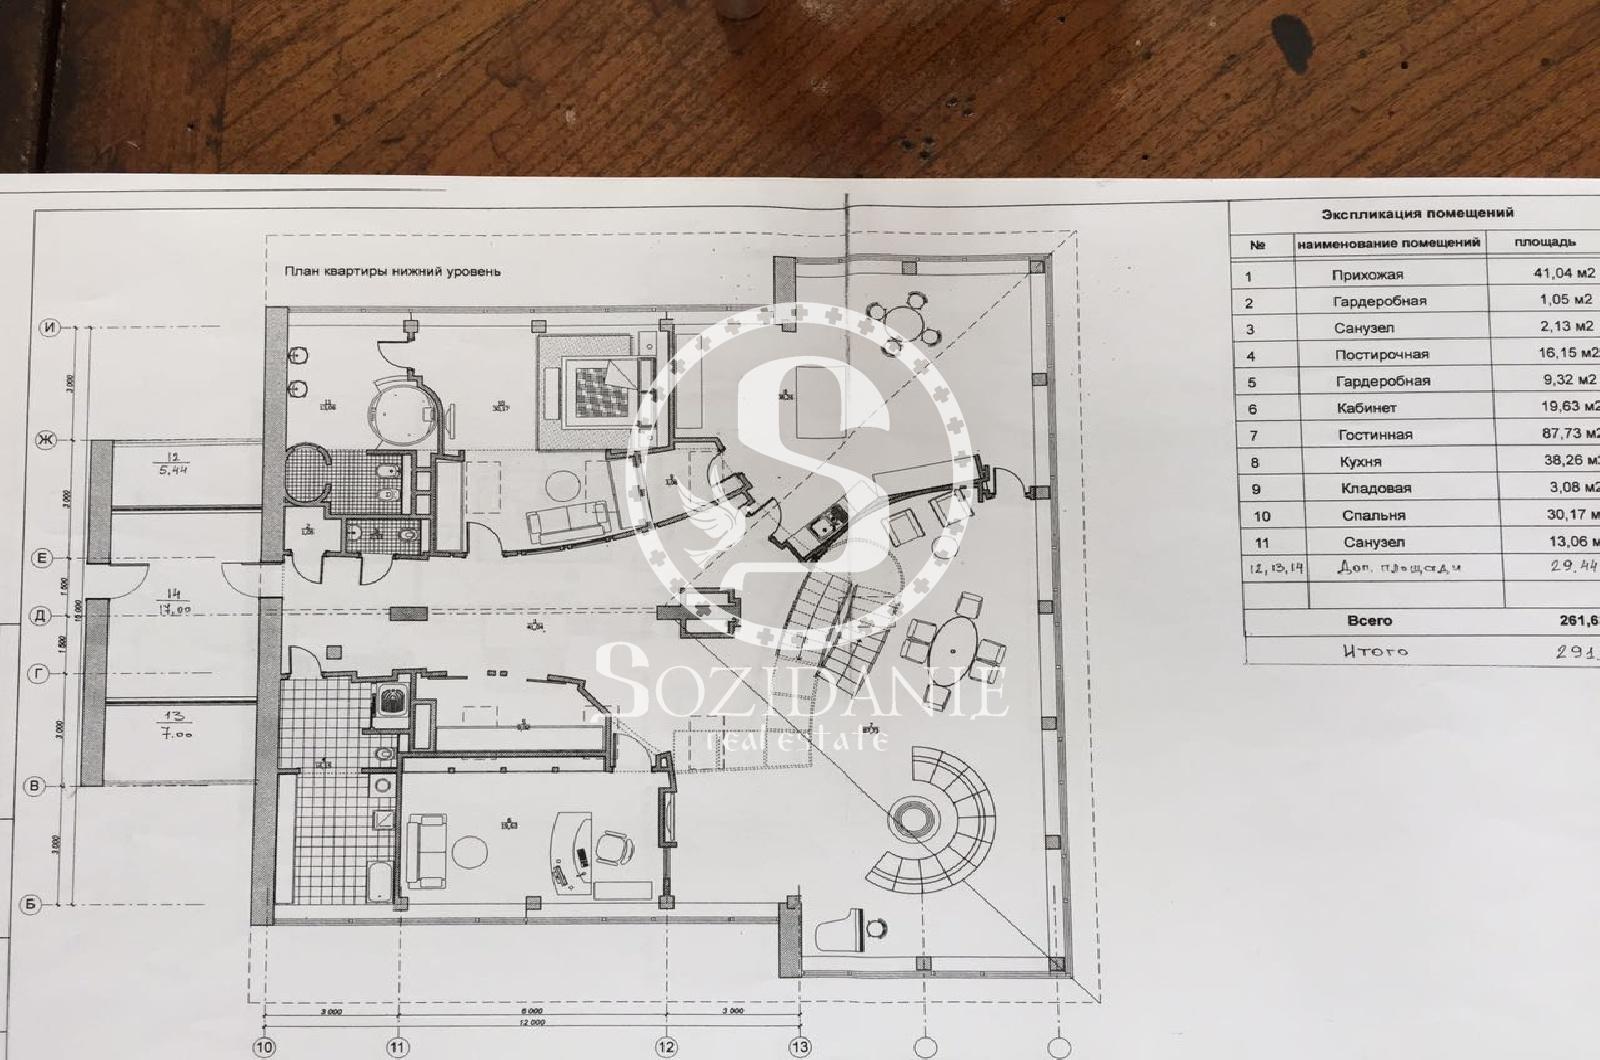 5 Комнаты, Городская, Продажа, Островной проезд, Listing ID 2961, Москва, Россия,